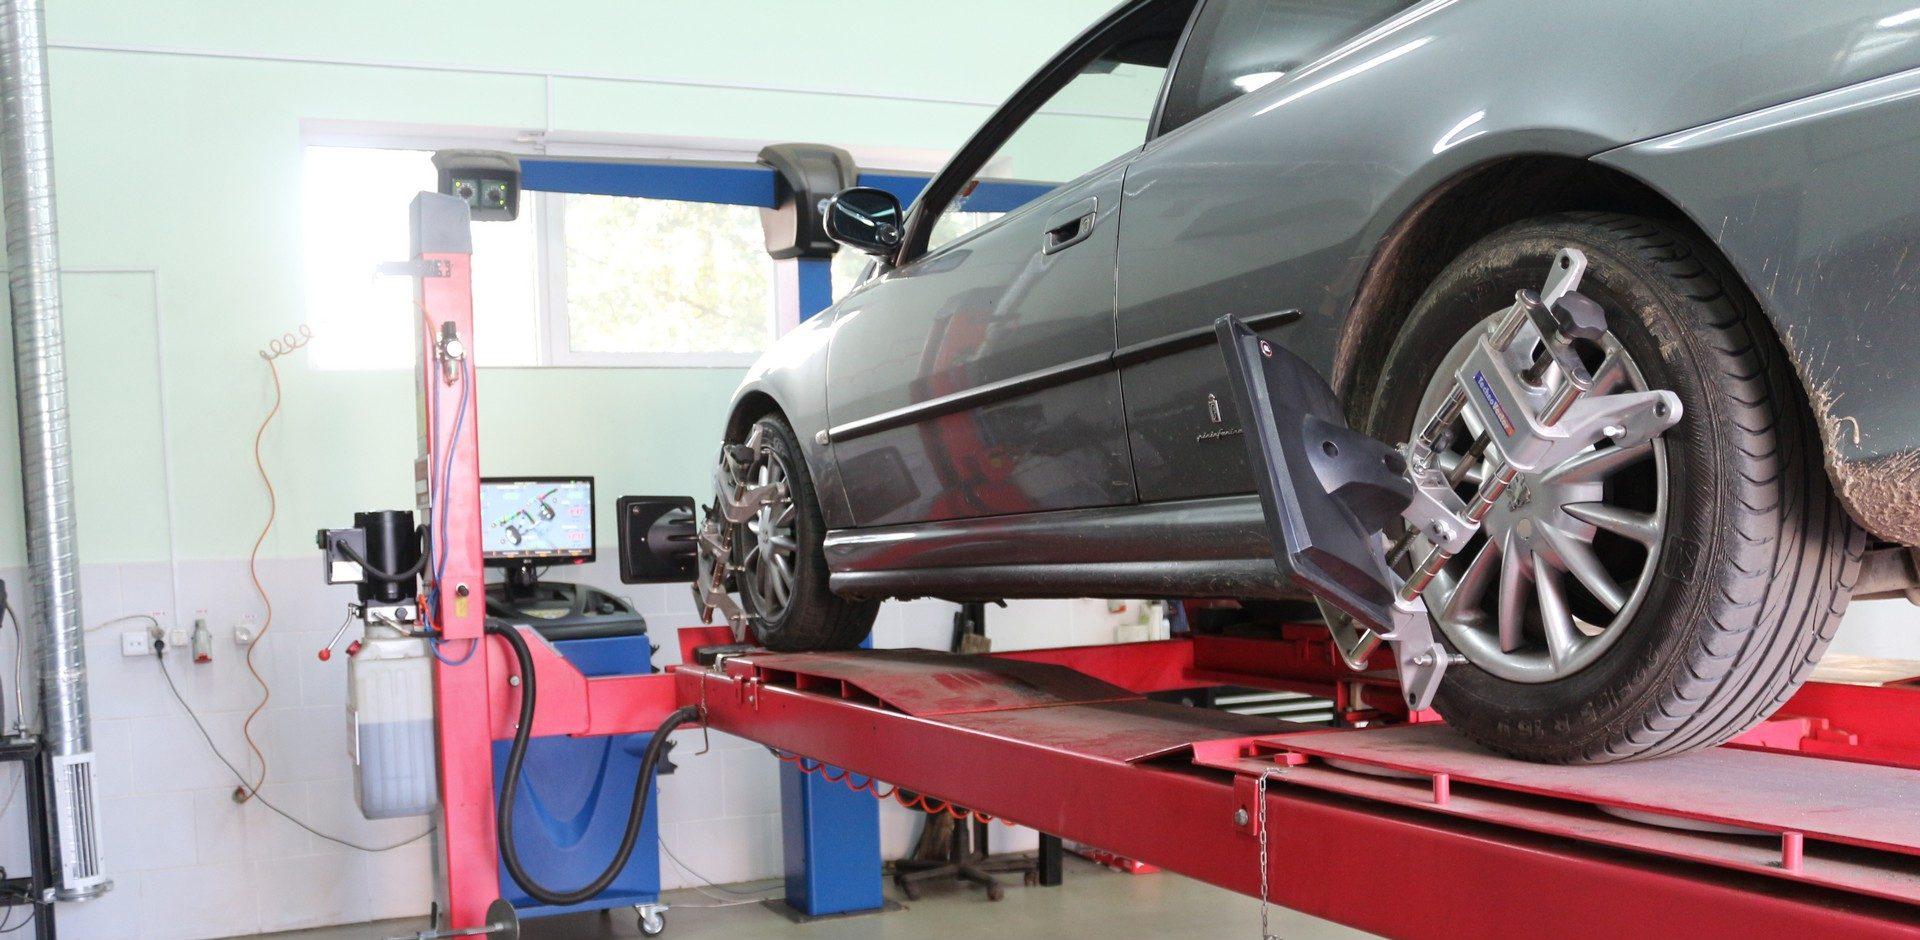 Необходимость своевременной диагностики рулевой рейки и регулировка развал схождения автомобиля